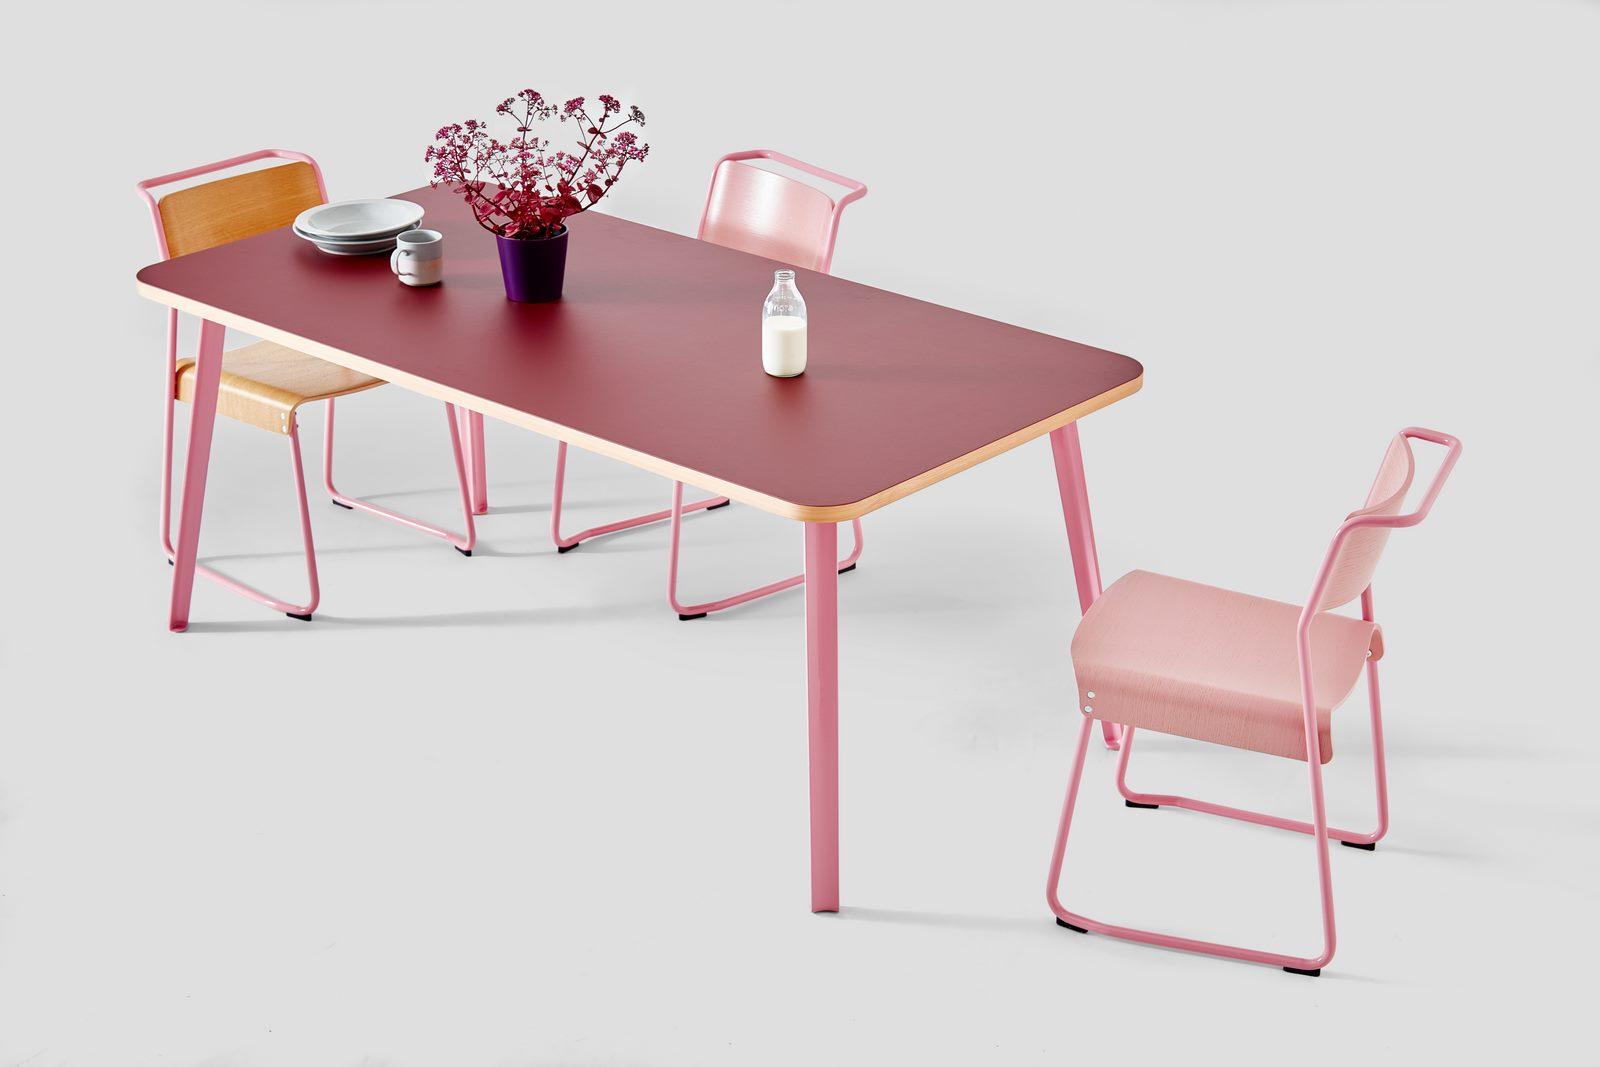 Opciones de Mesas y sillas para comedor 1